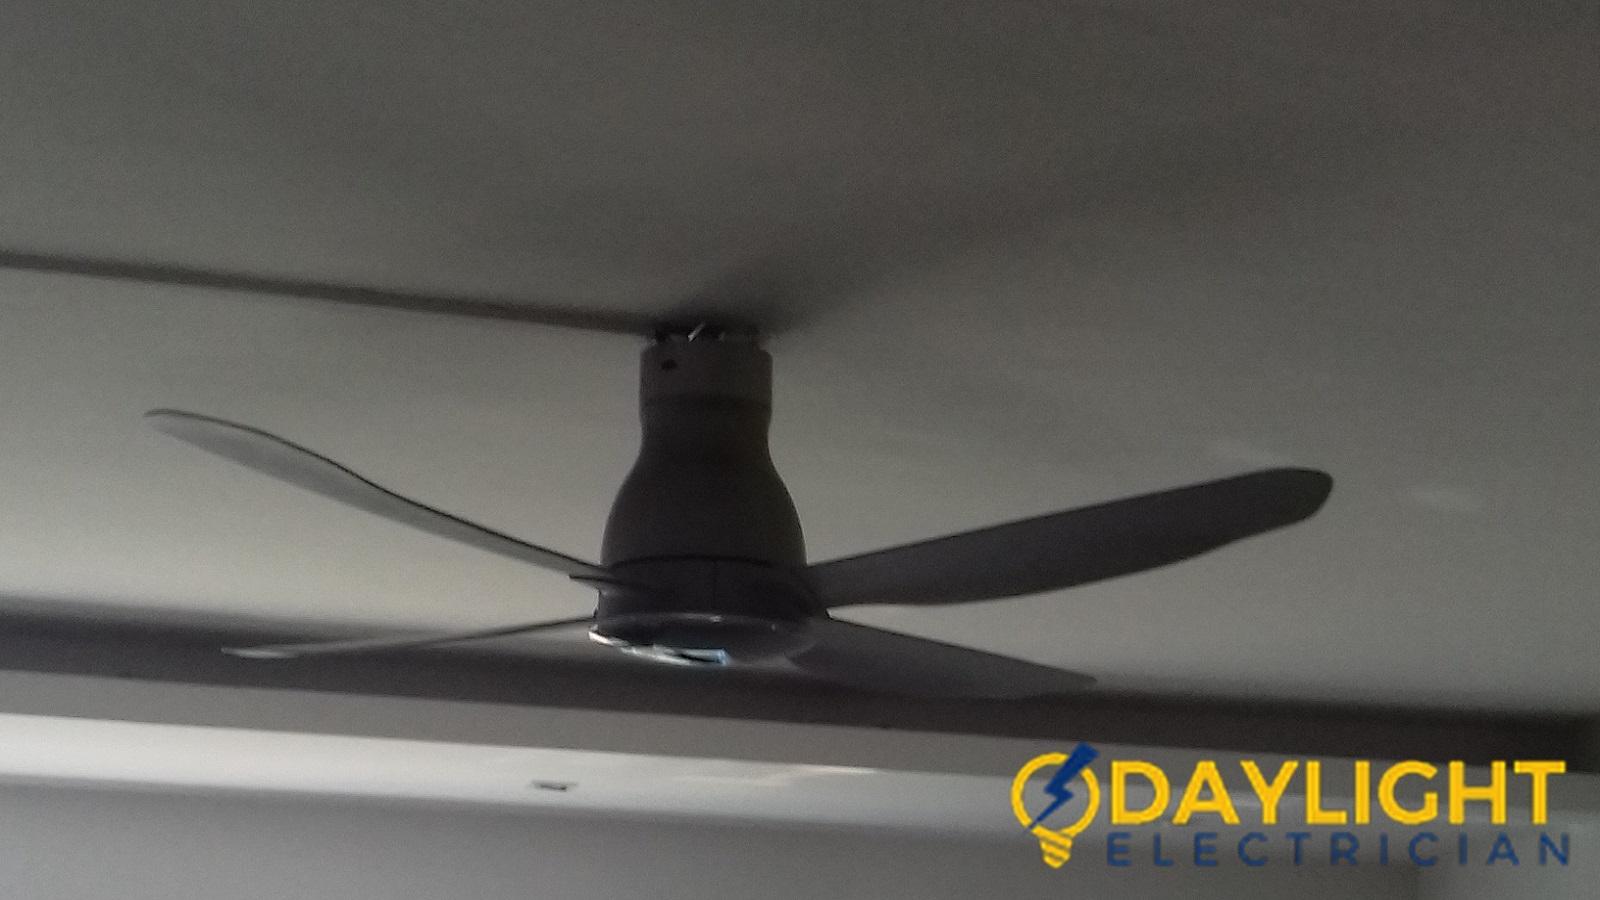 Ceiling-Fan-Replacement-Electrician-Singapore-HDB-Telok-Blangah-5_wm